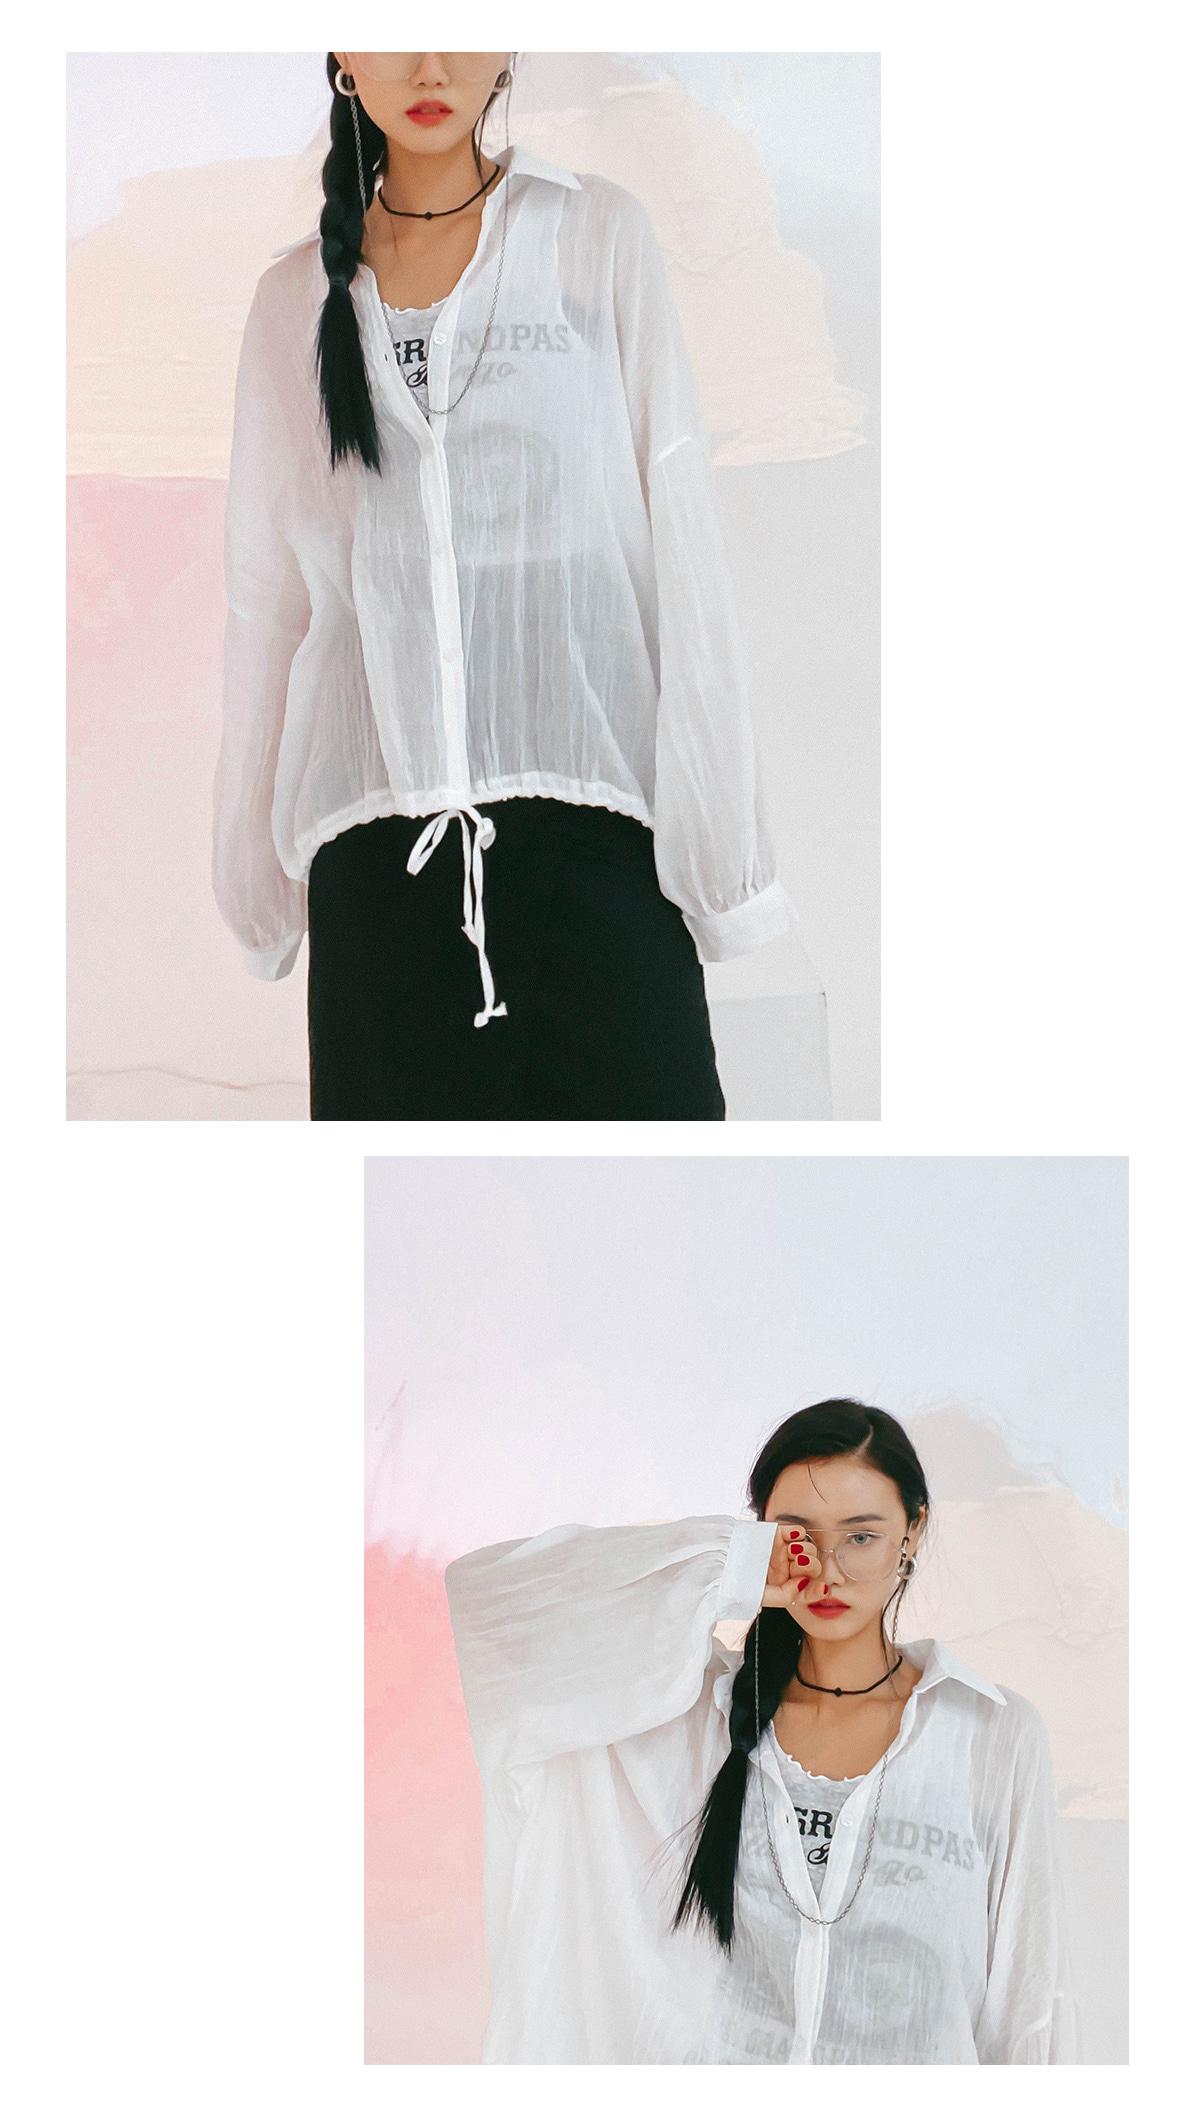 Linen pruned string shirt